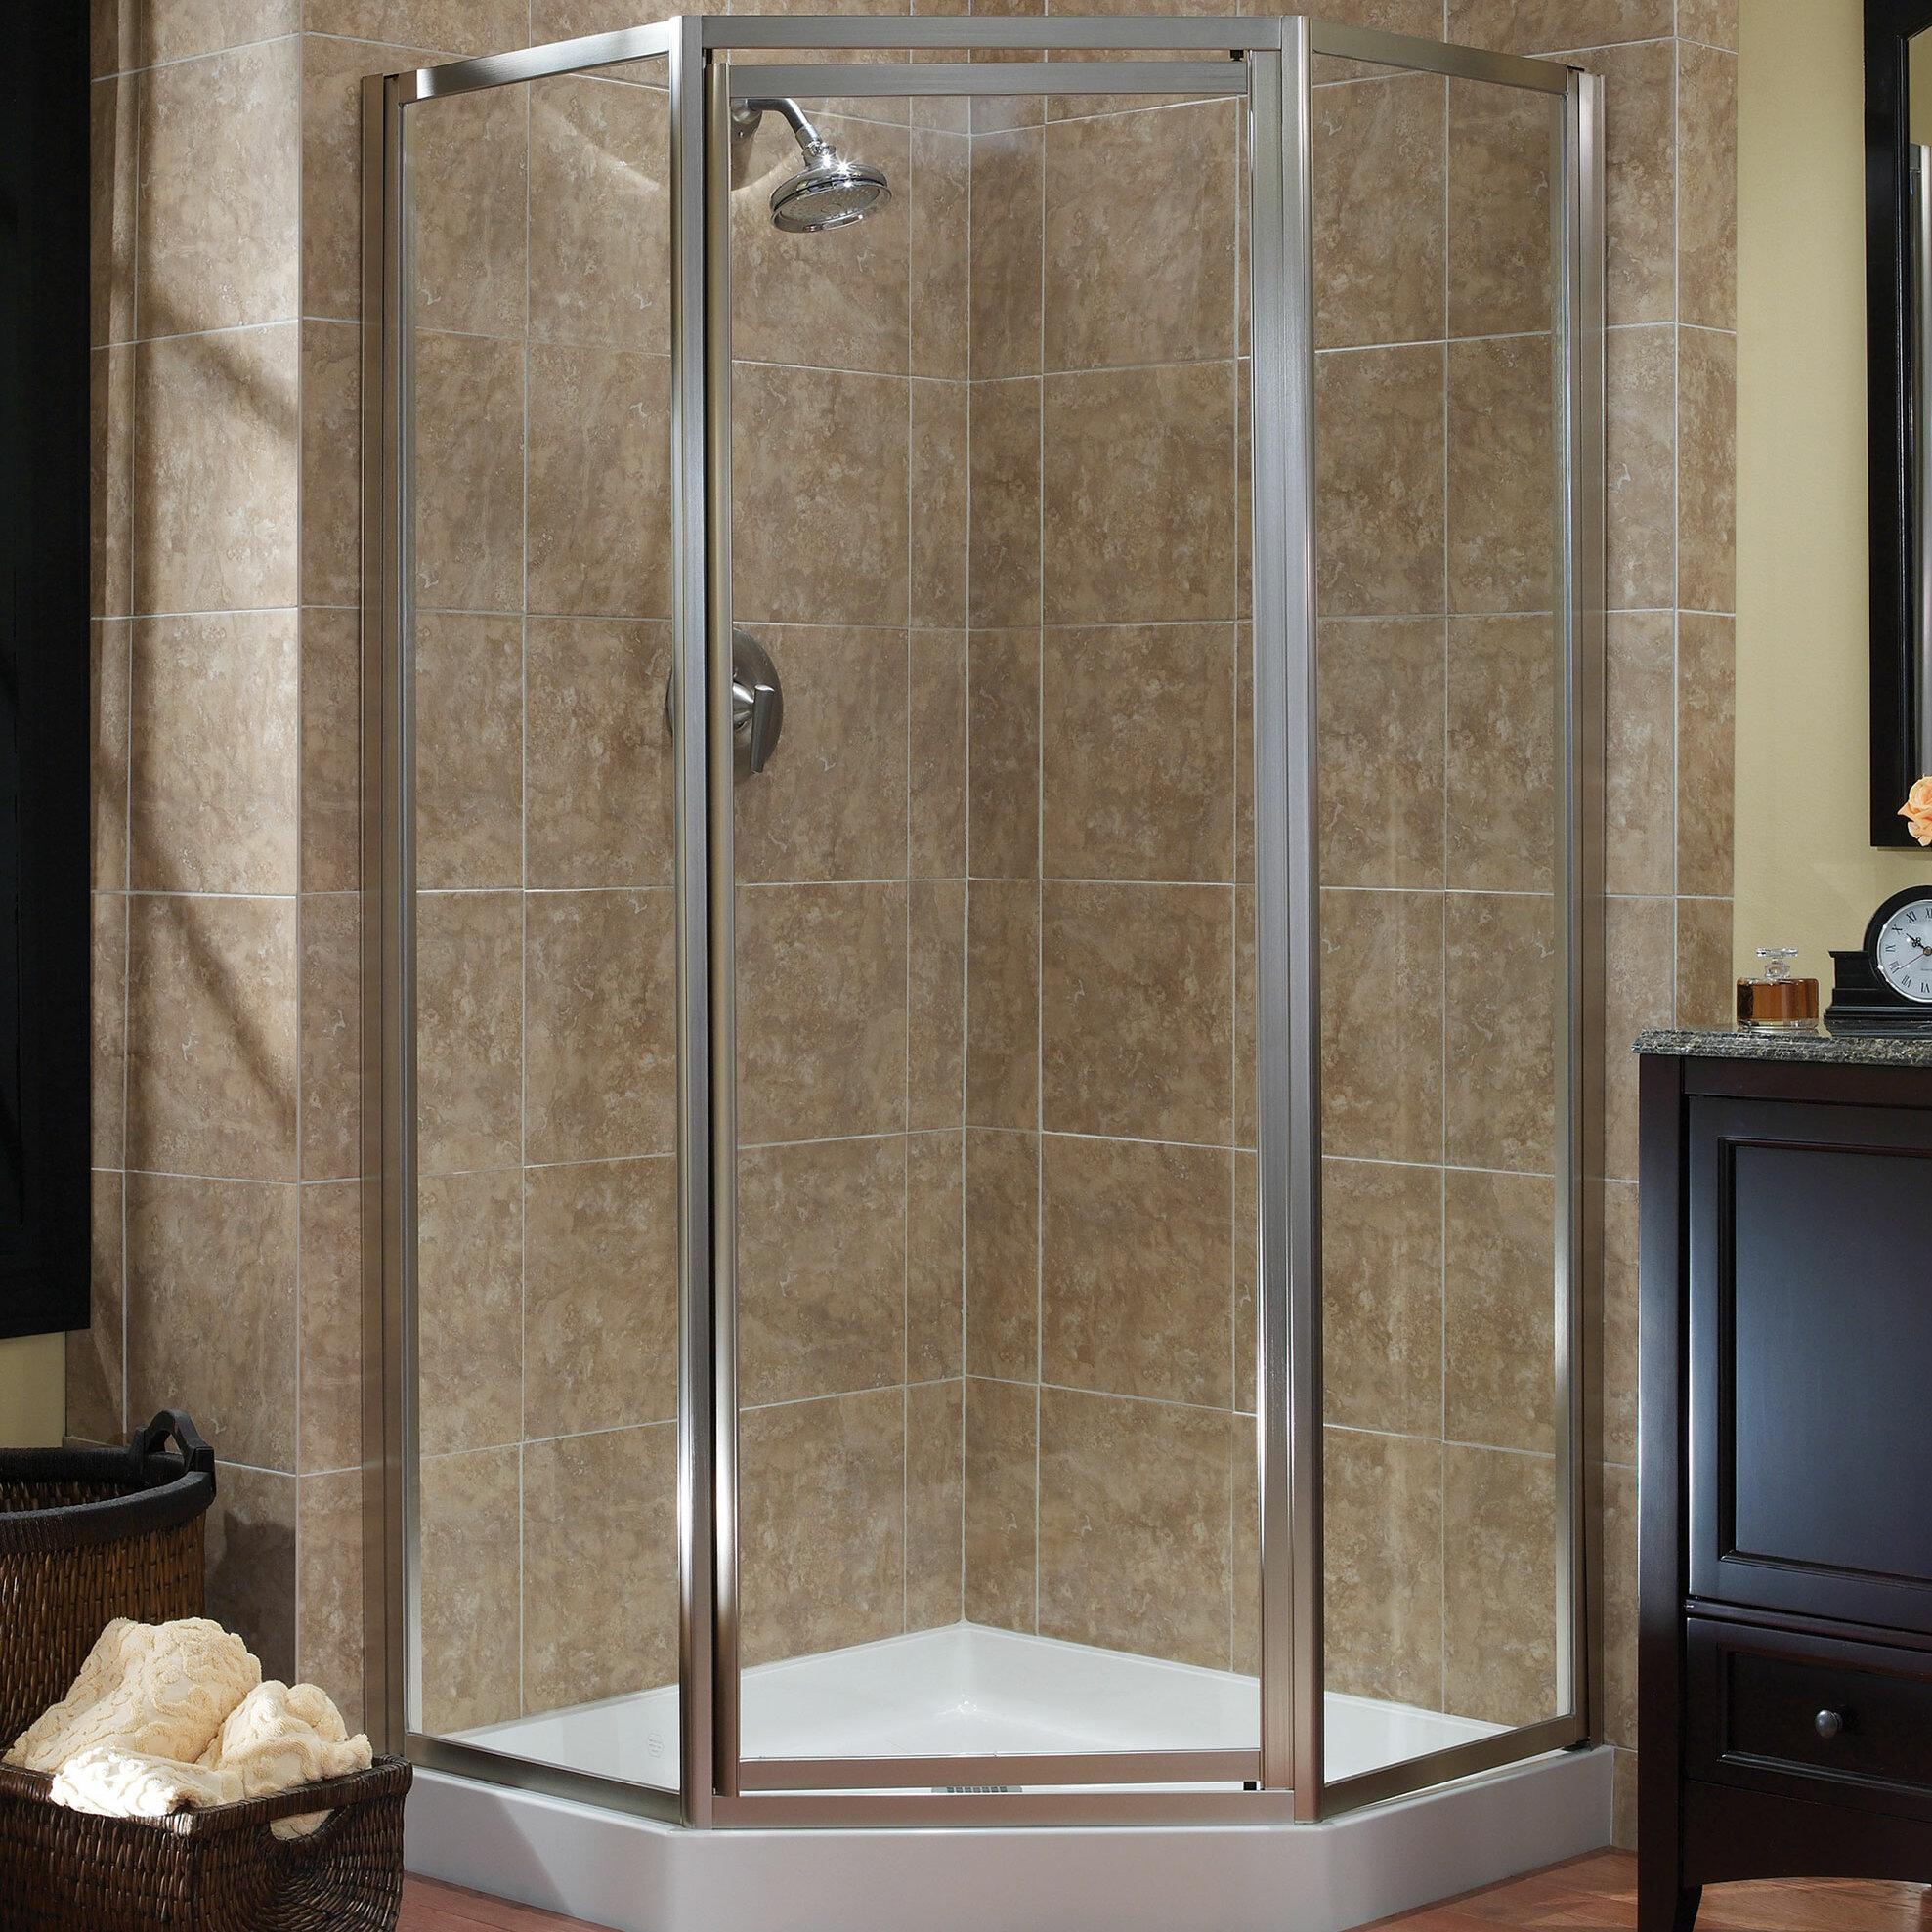 shower door product buy bathroom enclosure silver hinge designer volente frameless online at